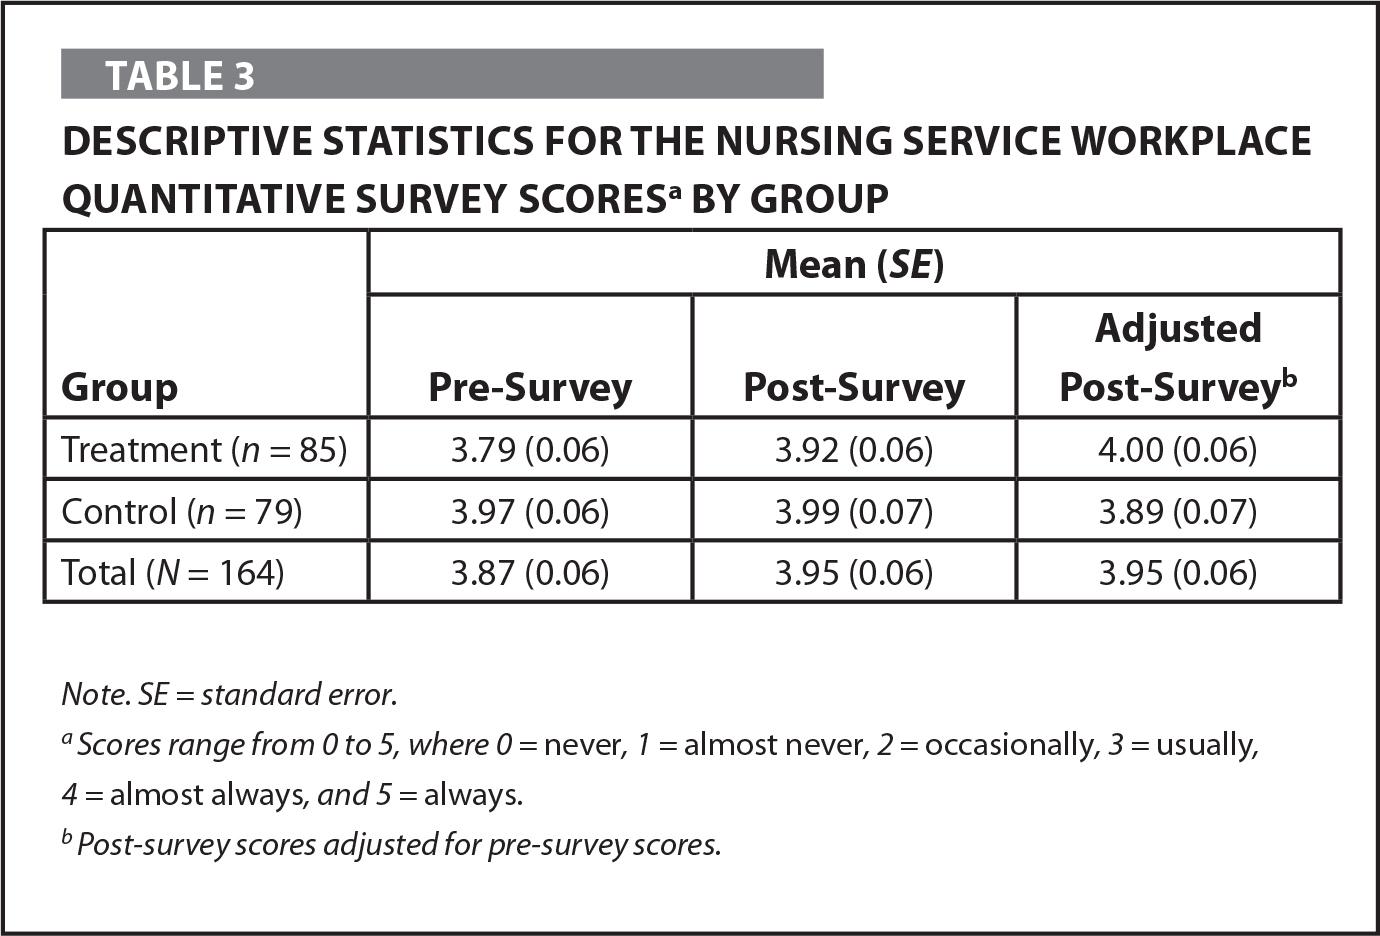 Descriptive Statistics for the Nursing Service Workplace Quantitative Survey Scoresa by Group